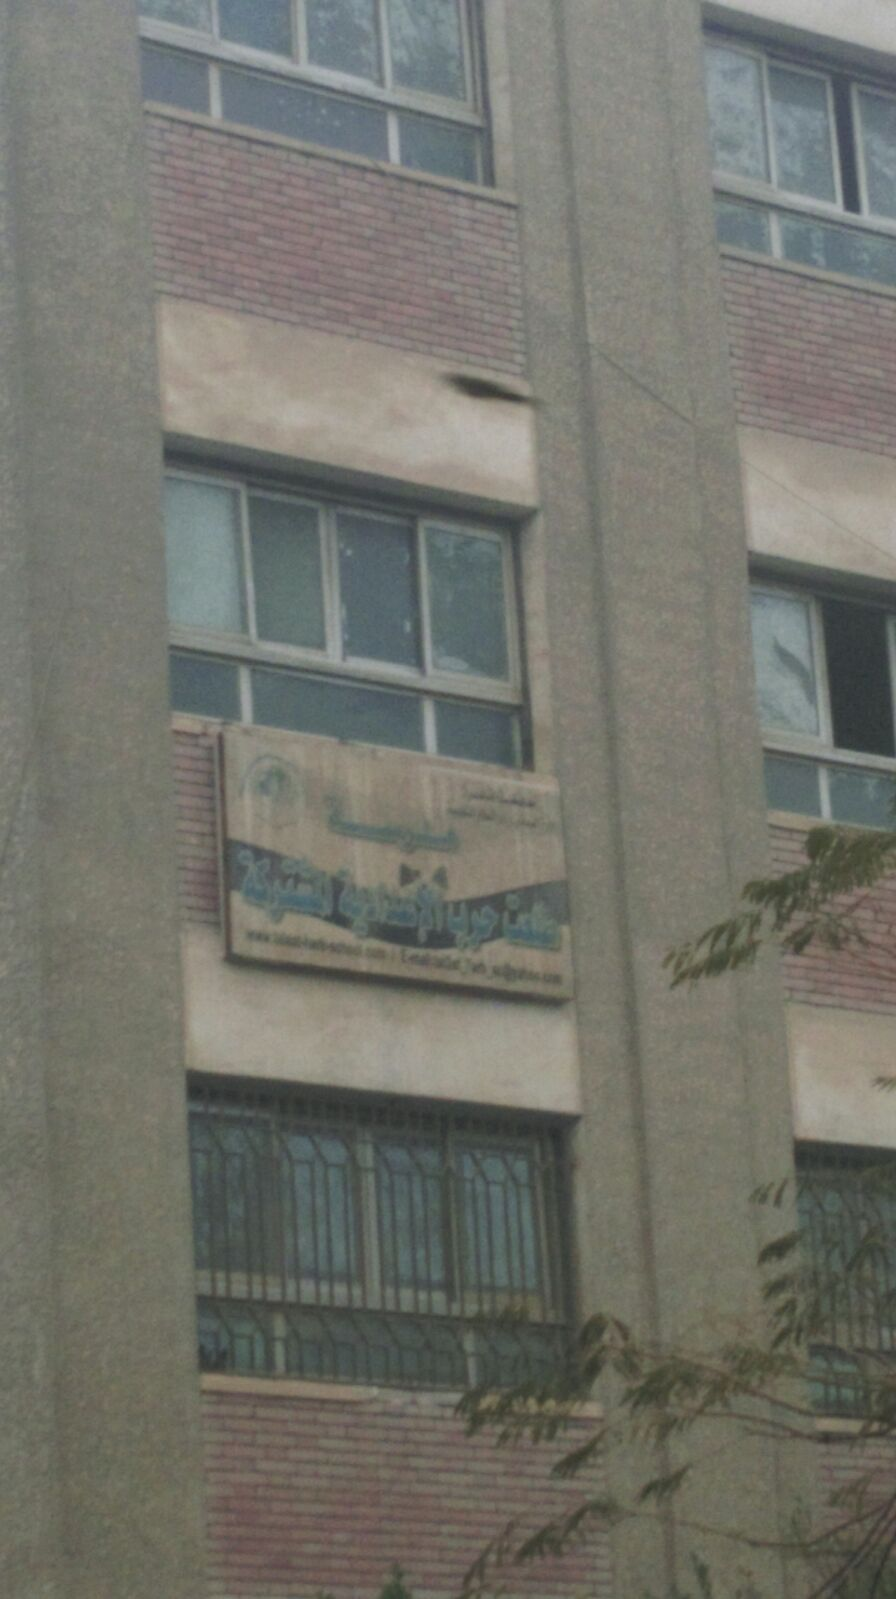 العلم المصري بـ«المقلوب» ونسره مطأطأ الرأس.. فعلتها مدرسة بالقاهرة